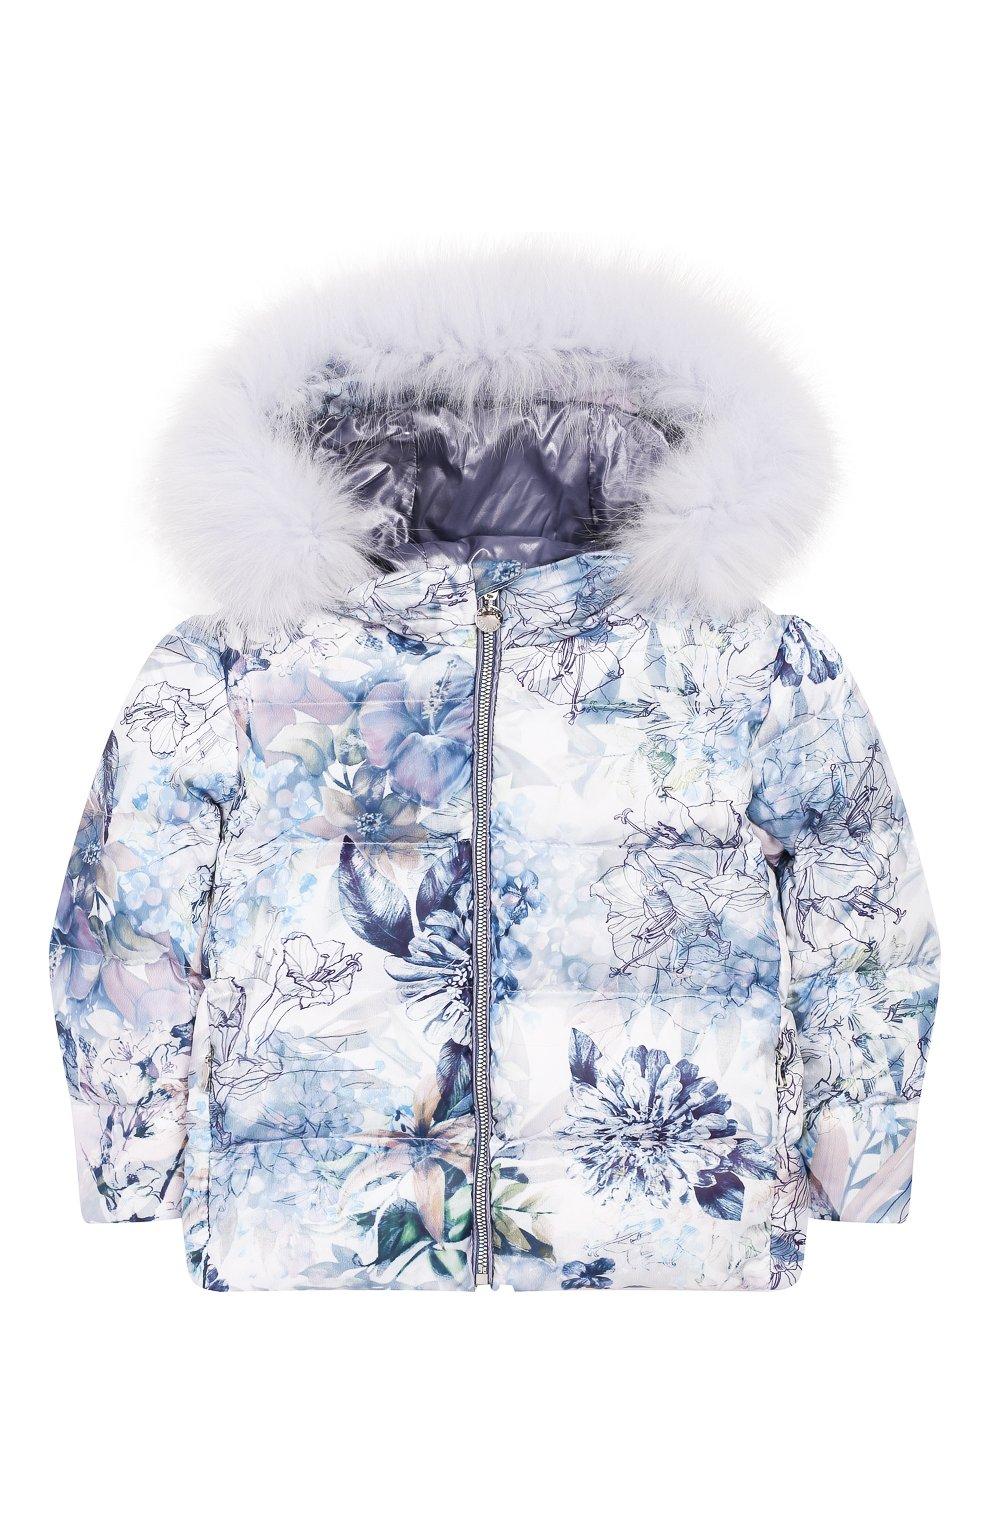 Комплект из пуховой куртки и комбинезона Сиреневый сад   Фото №2